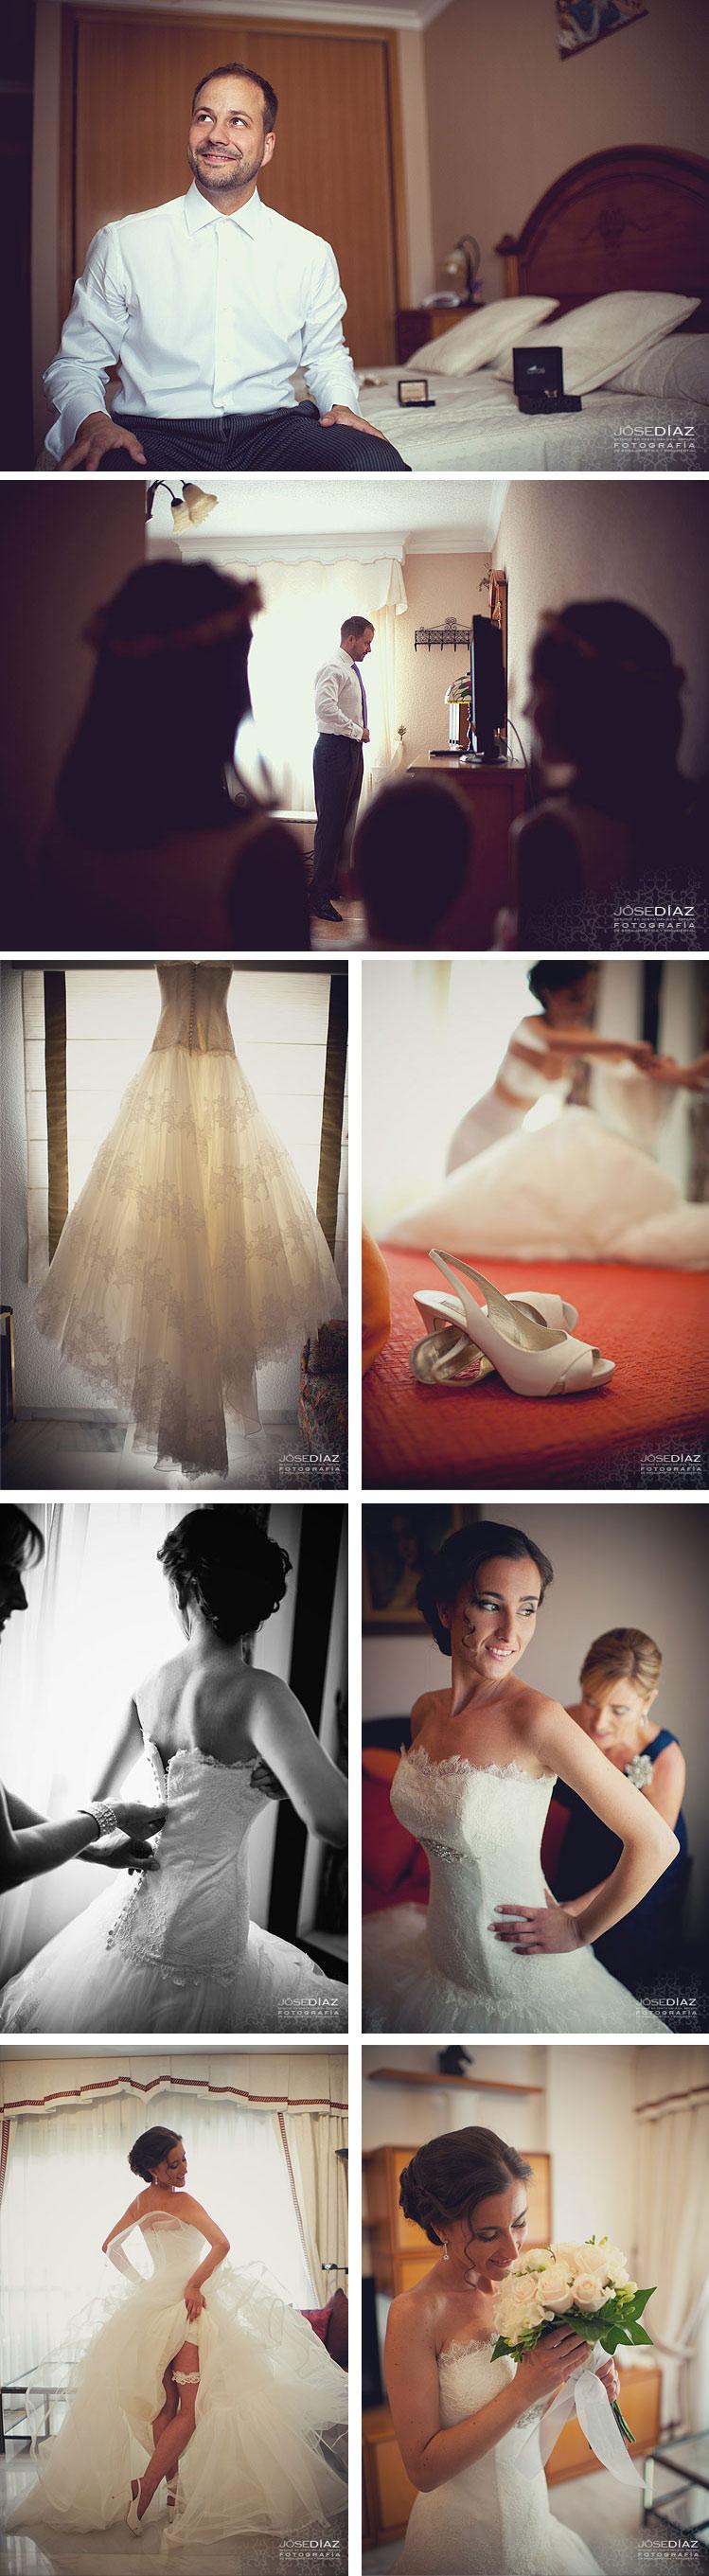 reportaje de boda Málaga, Jose Díaz fotos boda artísticas